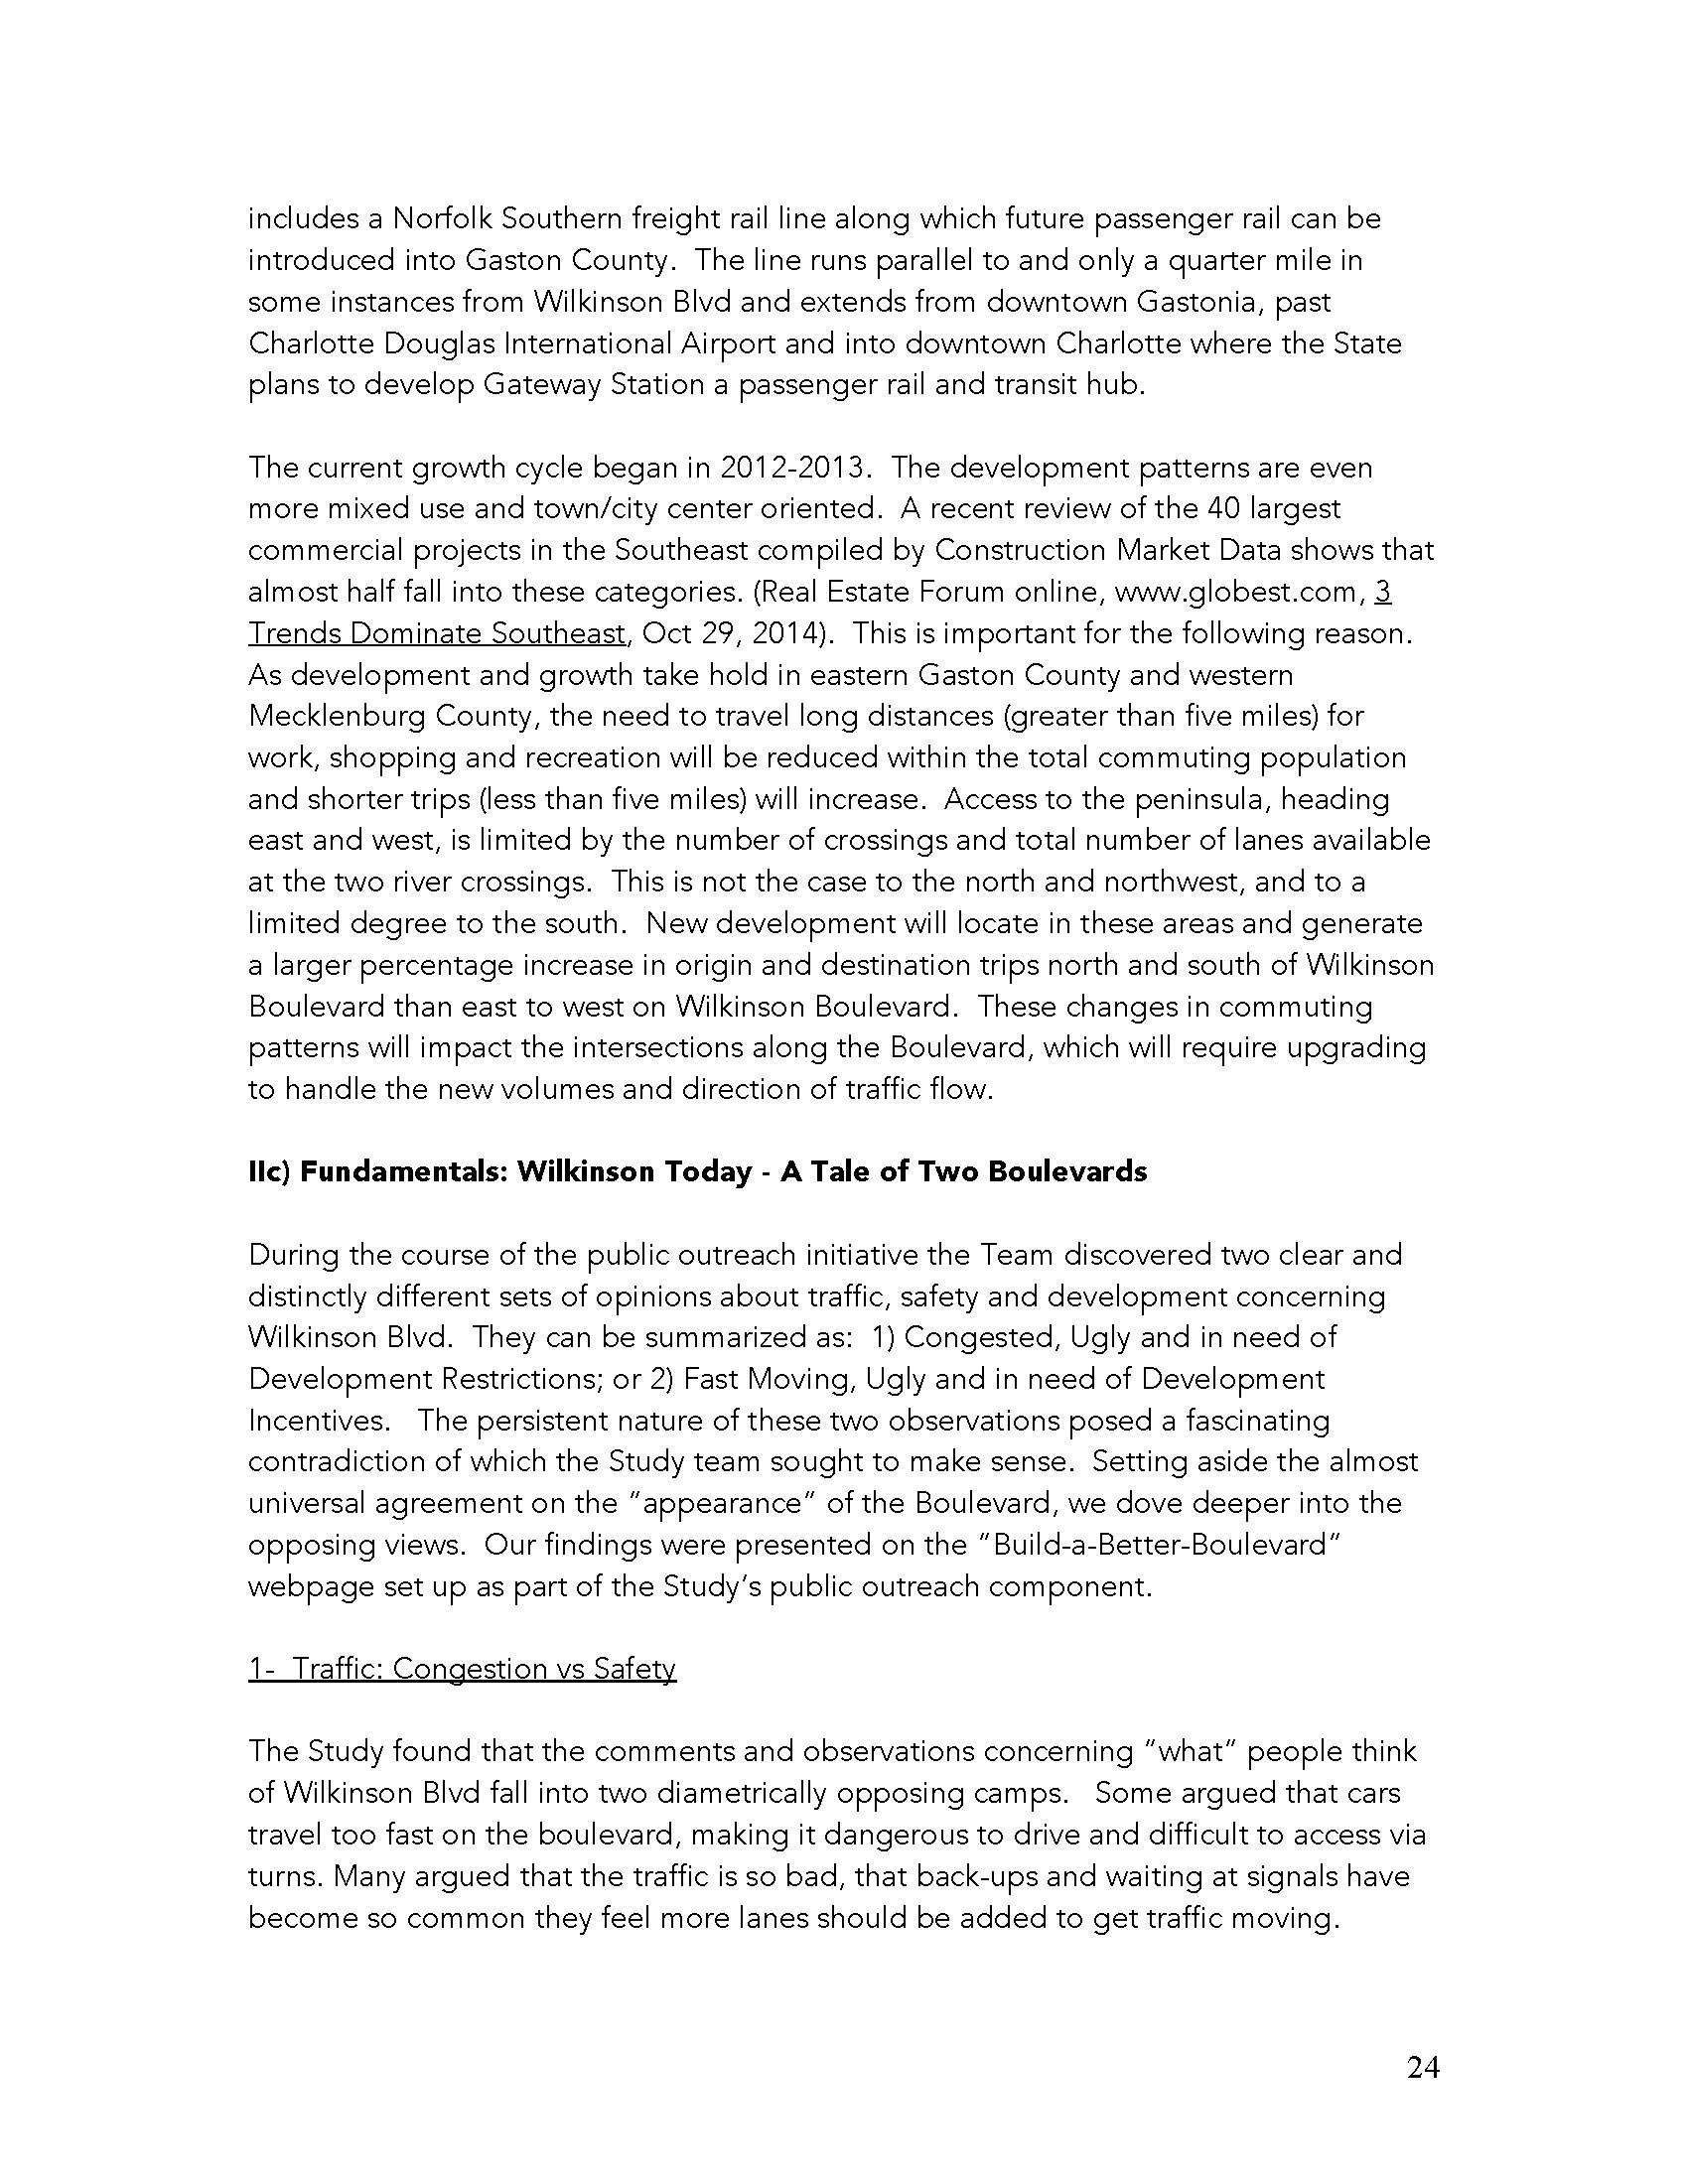 1 WilkinsonBlvd Draft Report 1-22-15 RH_Peter Edit_Page_24.jpg